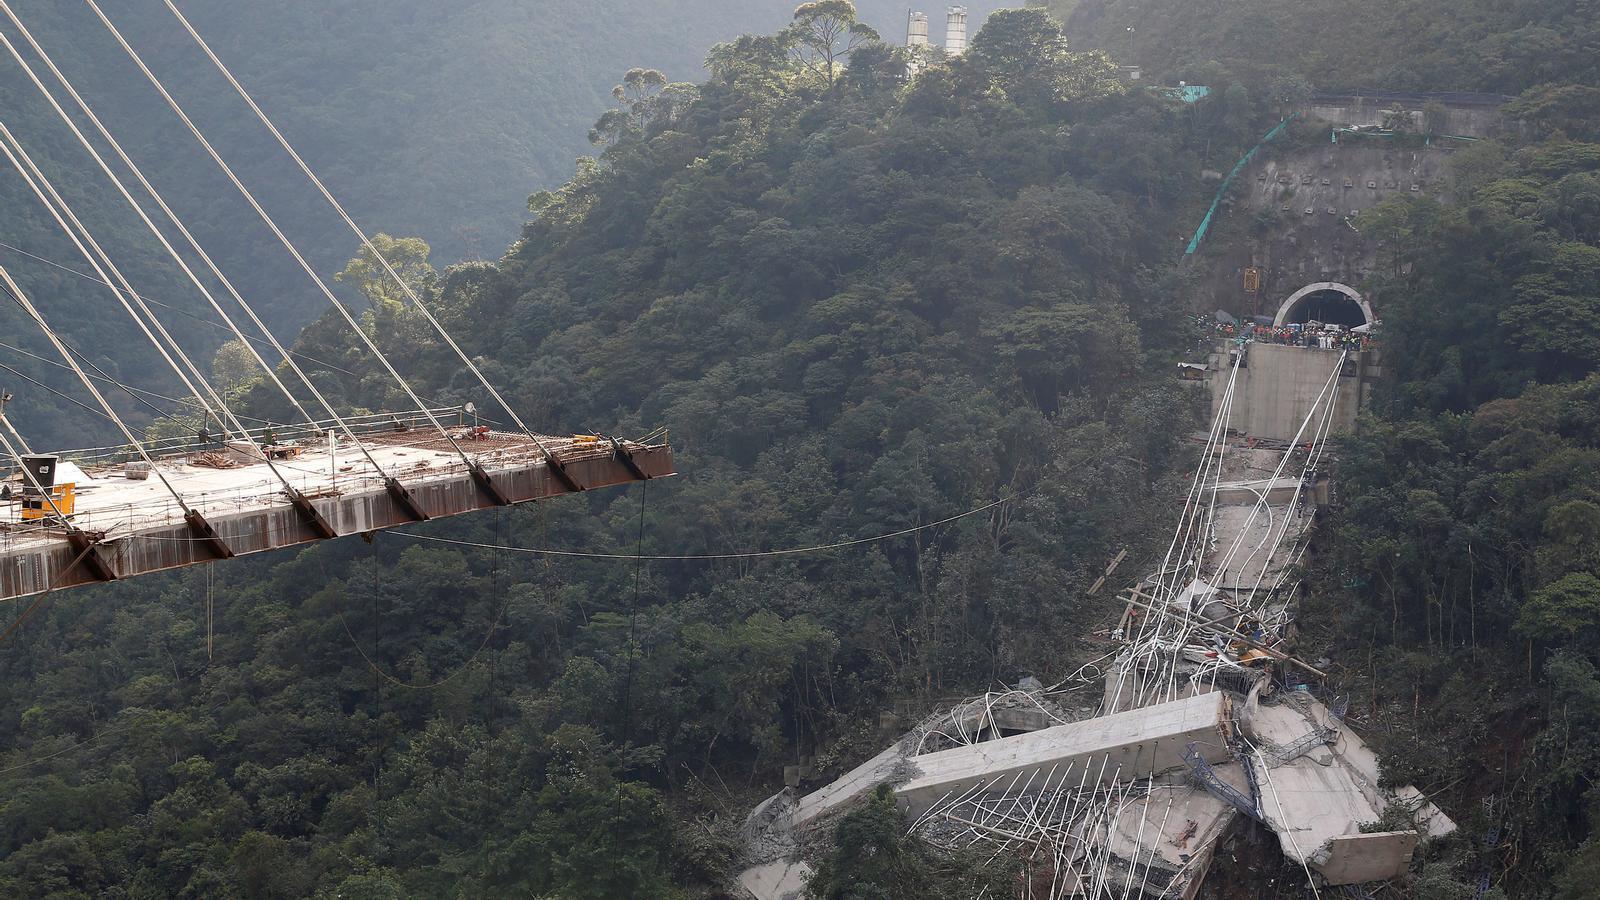 Imatge del pont caigut a Guayabetal, entre Bogotà i Villavicencio, en el que han mort 9 obrers